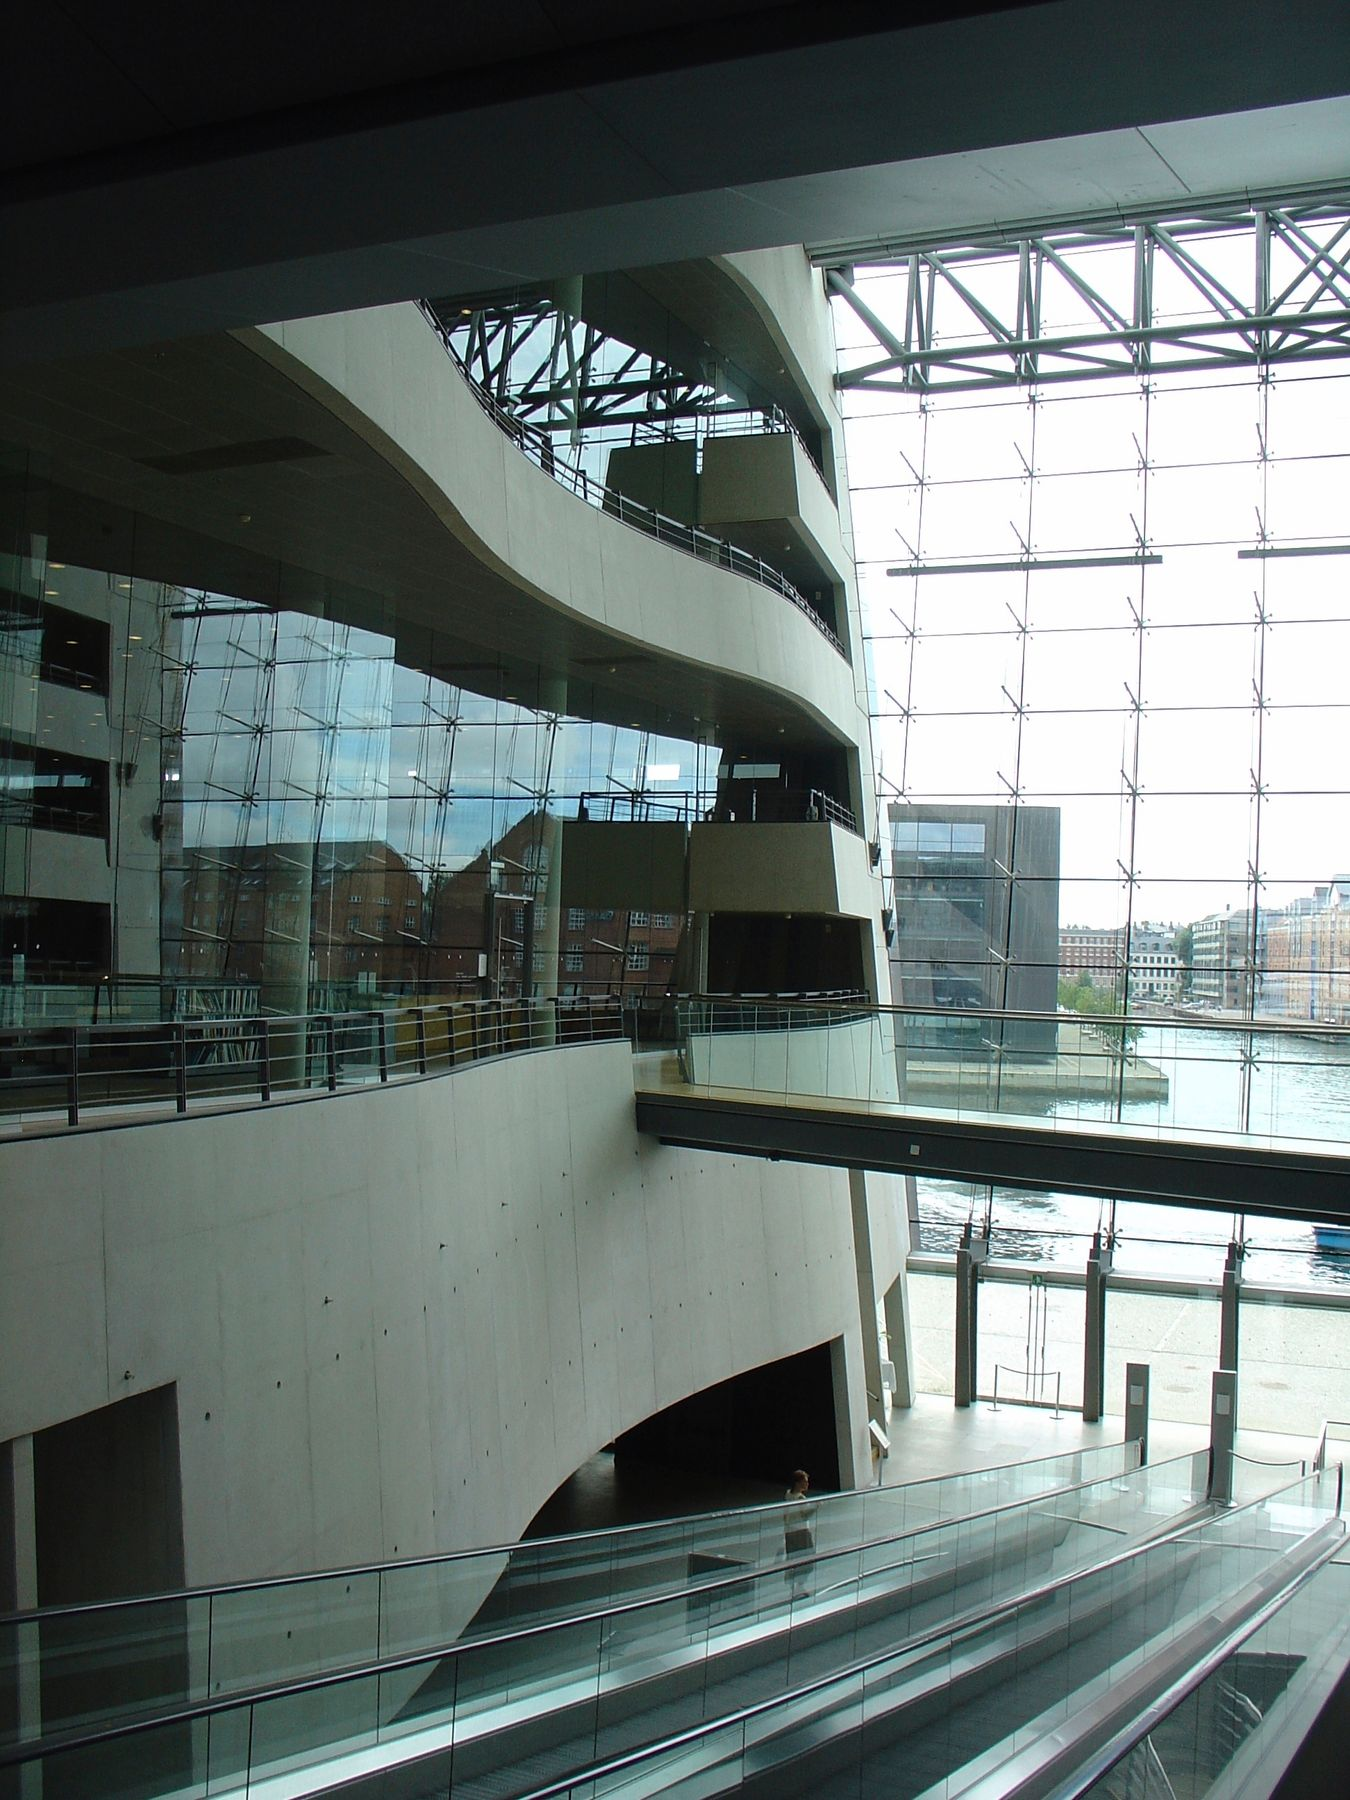 Το εσωτερικό της Βασιλικής Βιβλιοθήκης της Δανίας έχει θέα στο κανάλι